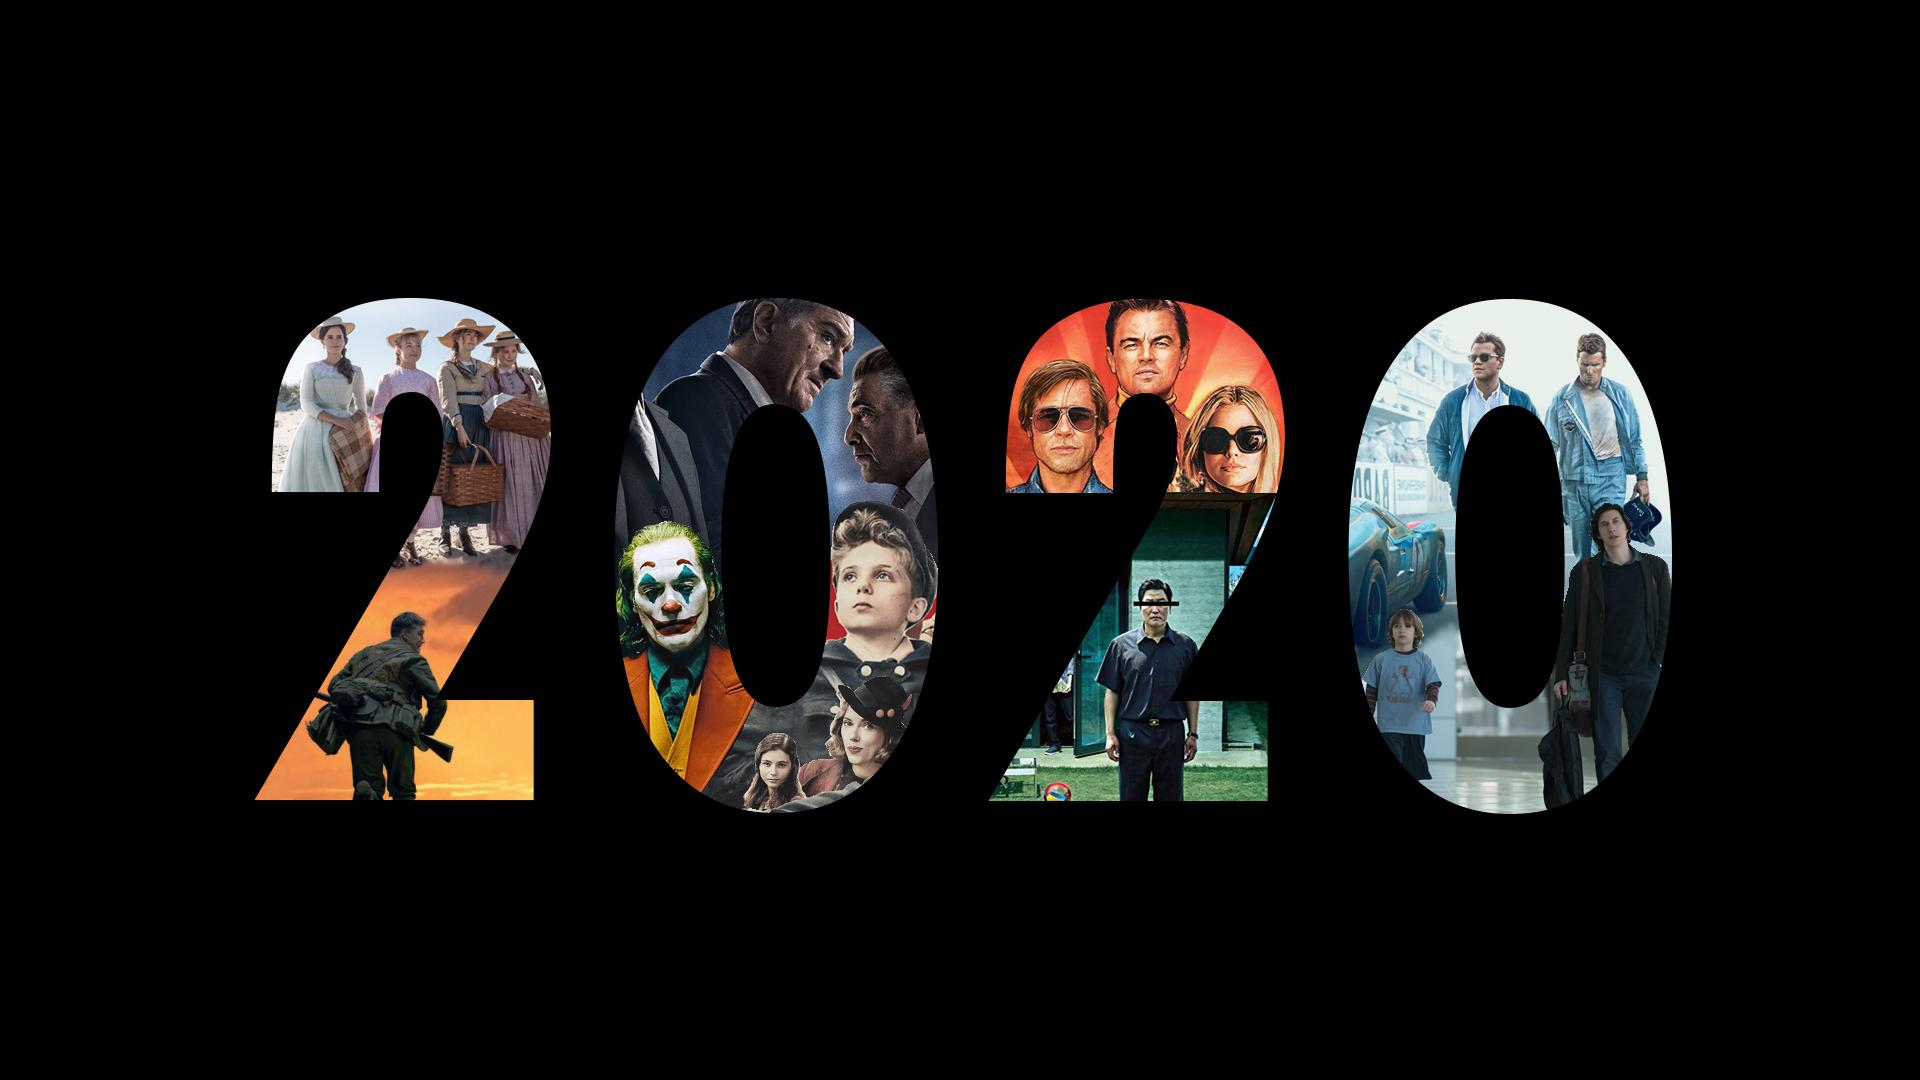 Premios Oscars 2020: ¡Cobertura en vivo!